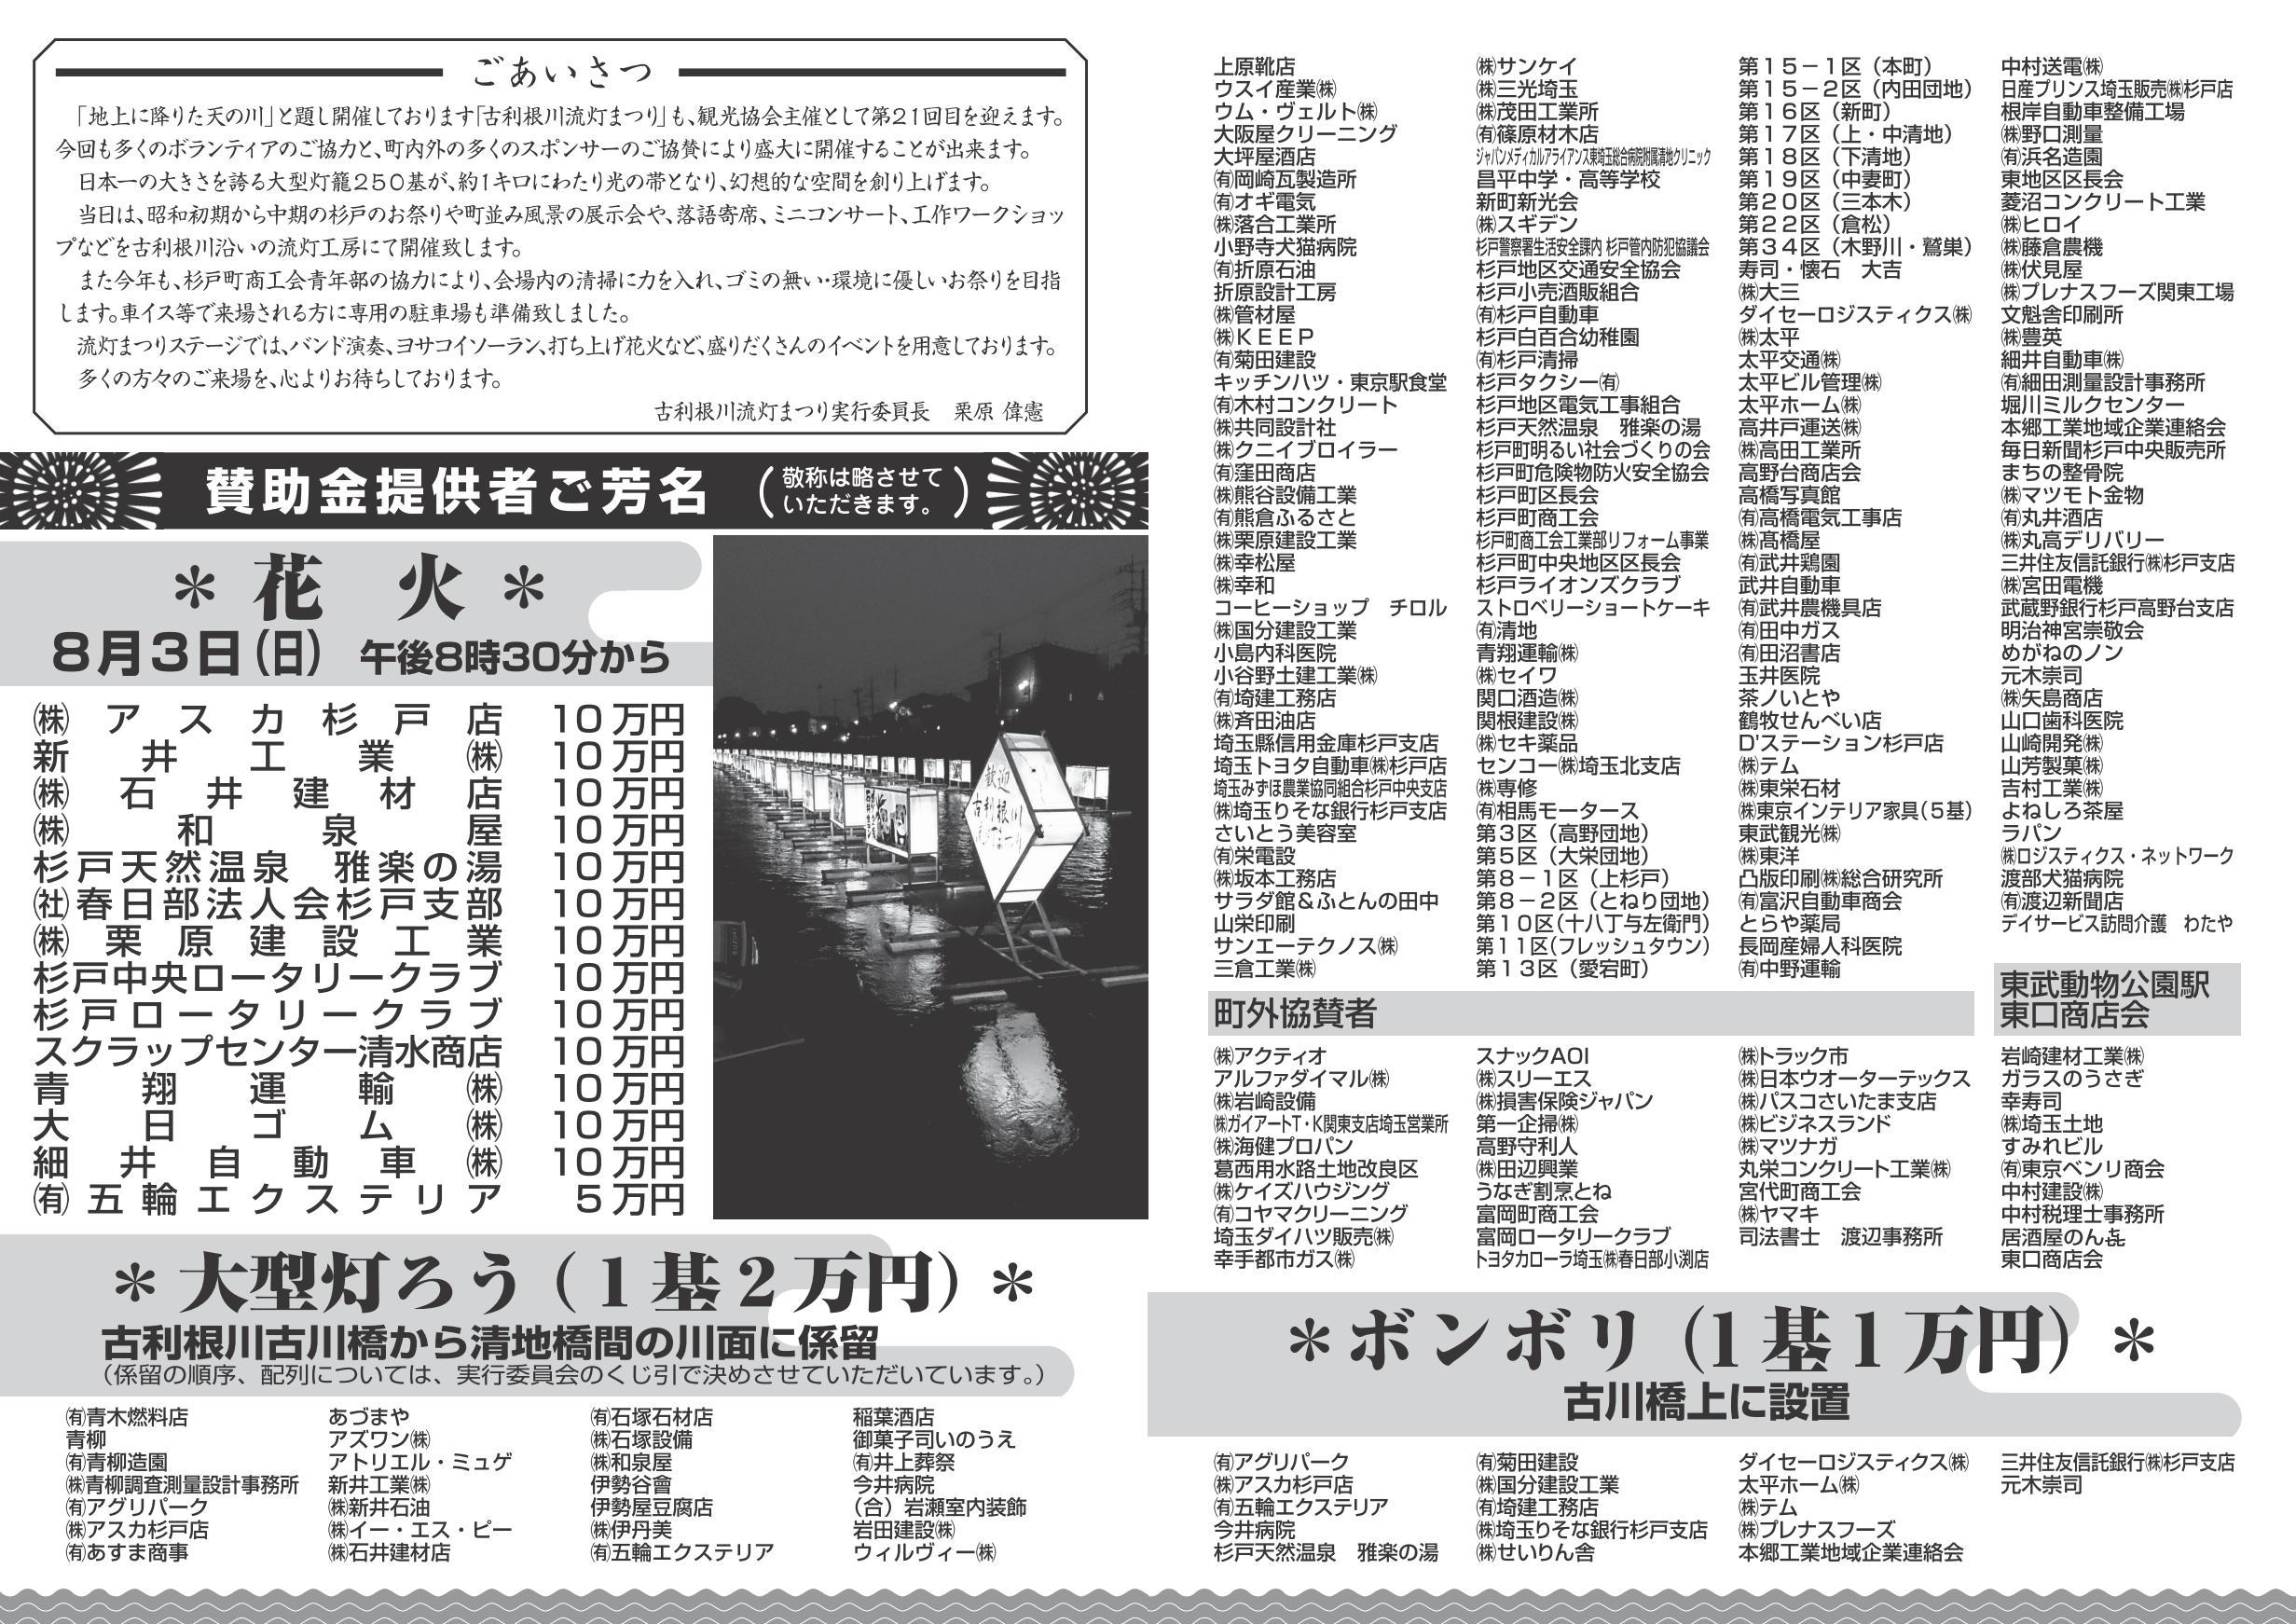 杉戸流灯プログラム2014見開_02